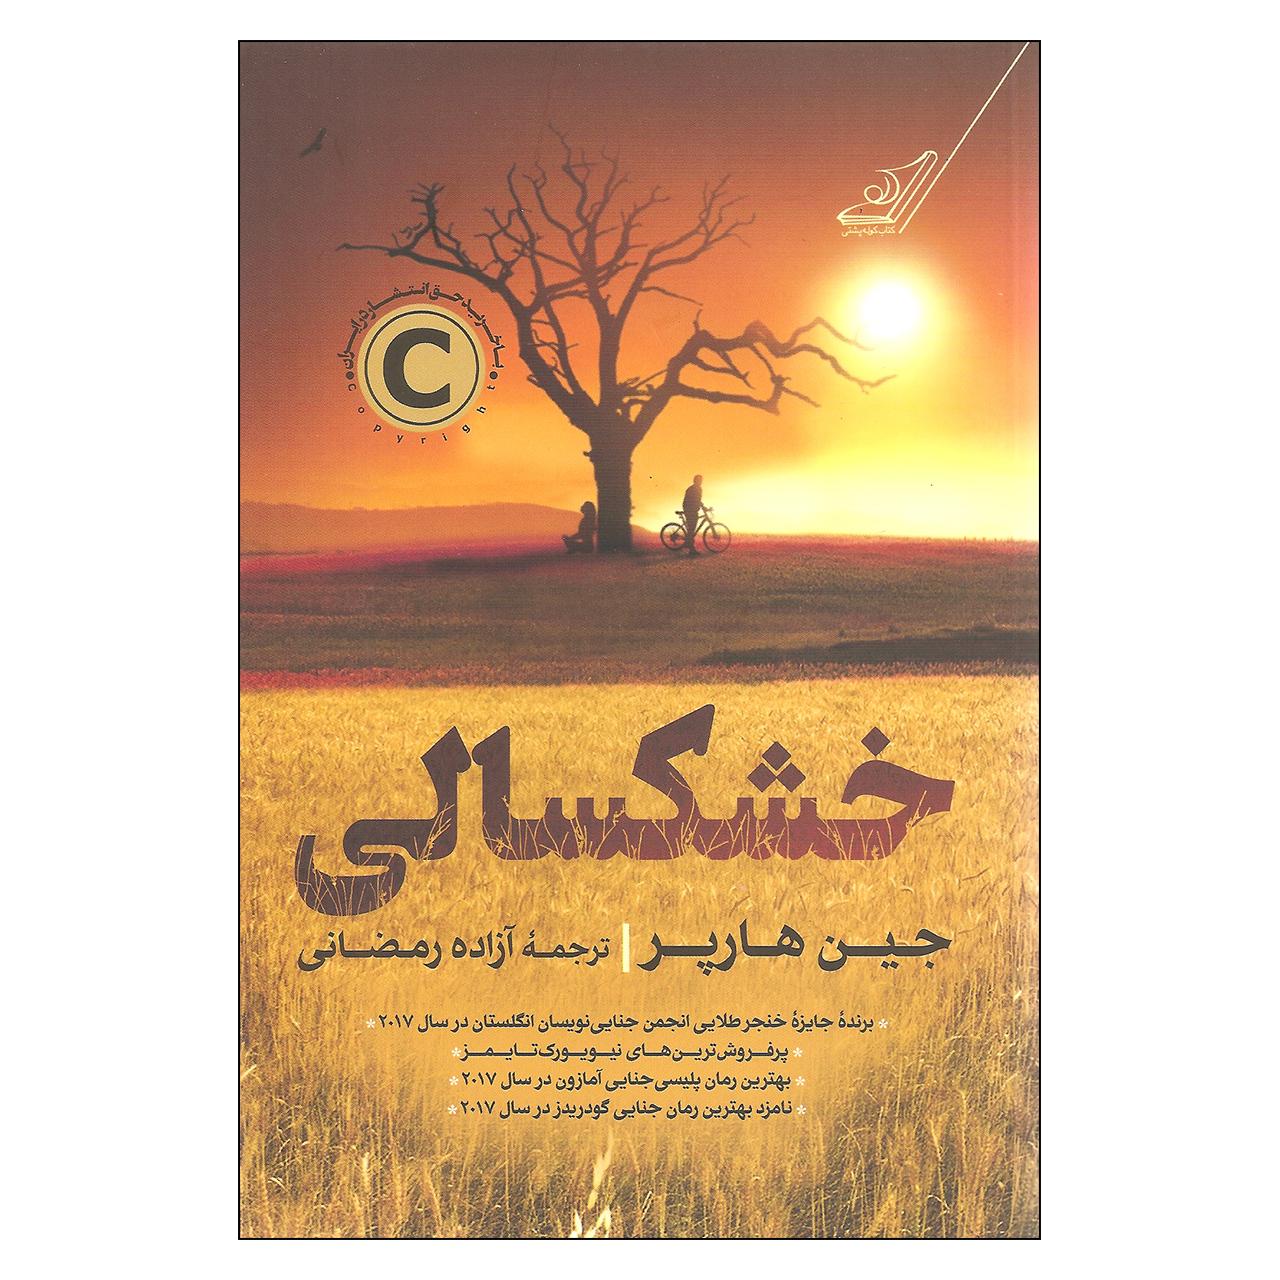 کتاب خشکسالی اثر جین هارپر نشر کتاب کوله پشتی